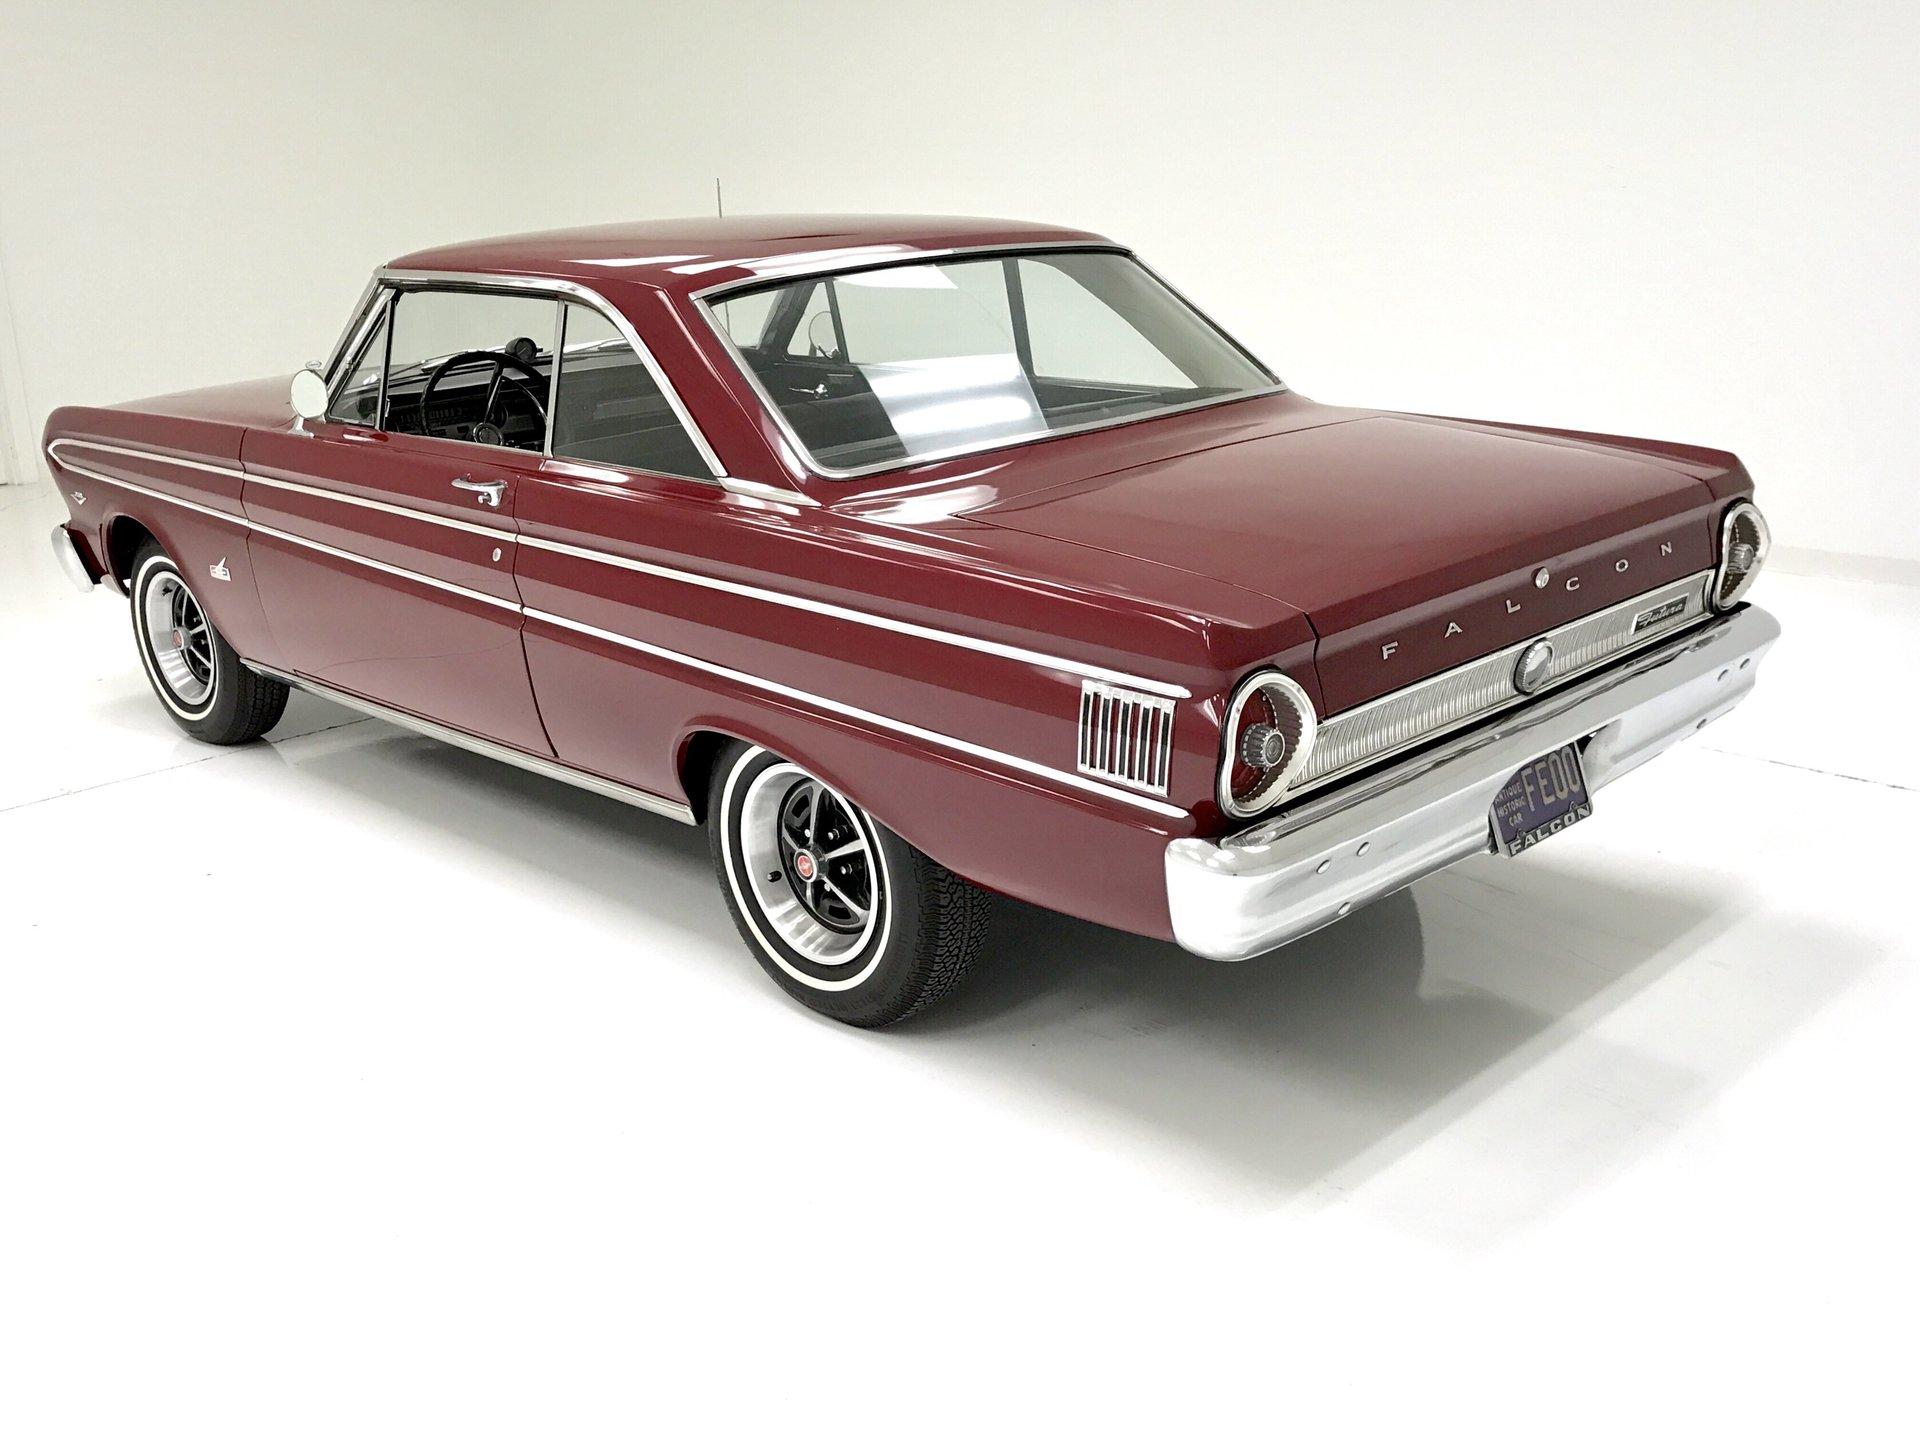 1964 Ford Falcon Berlin Motors Futura For Sale